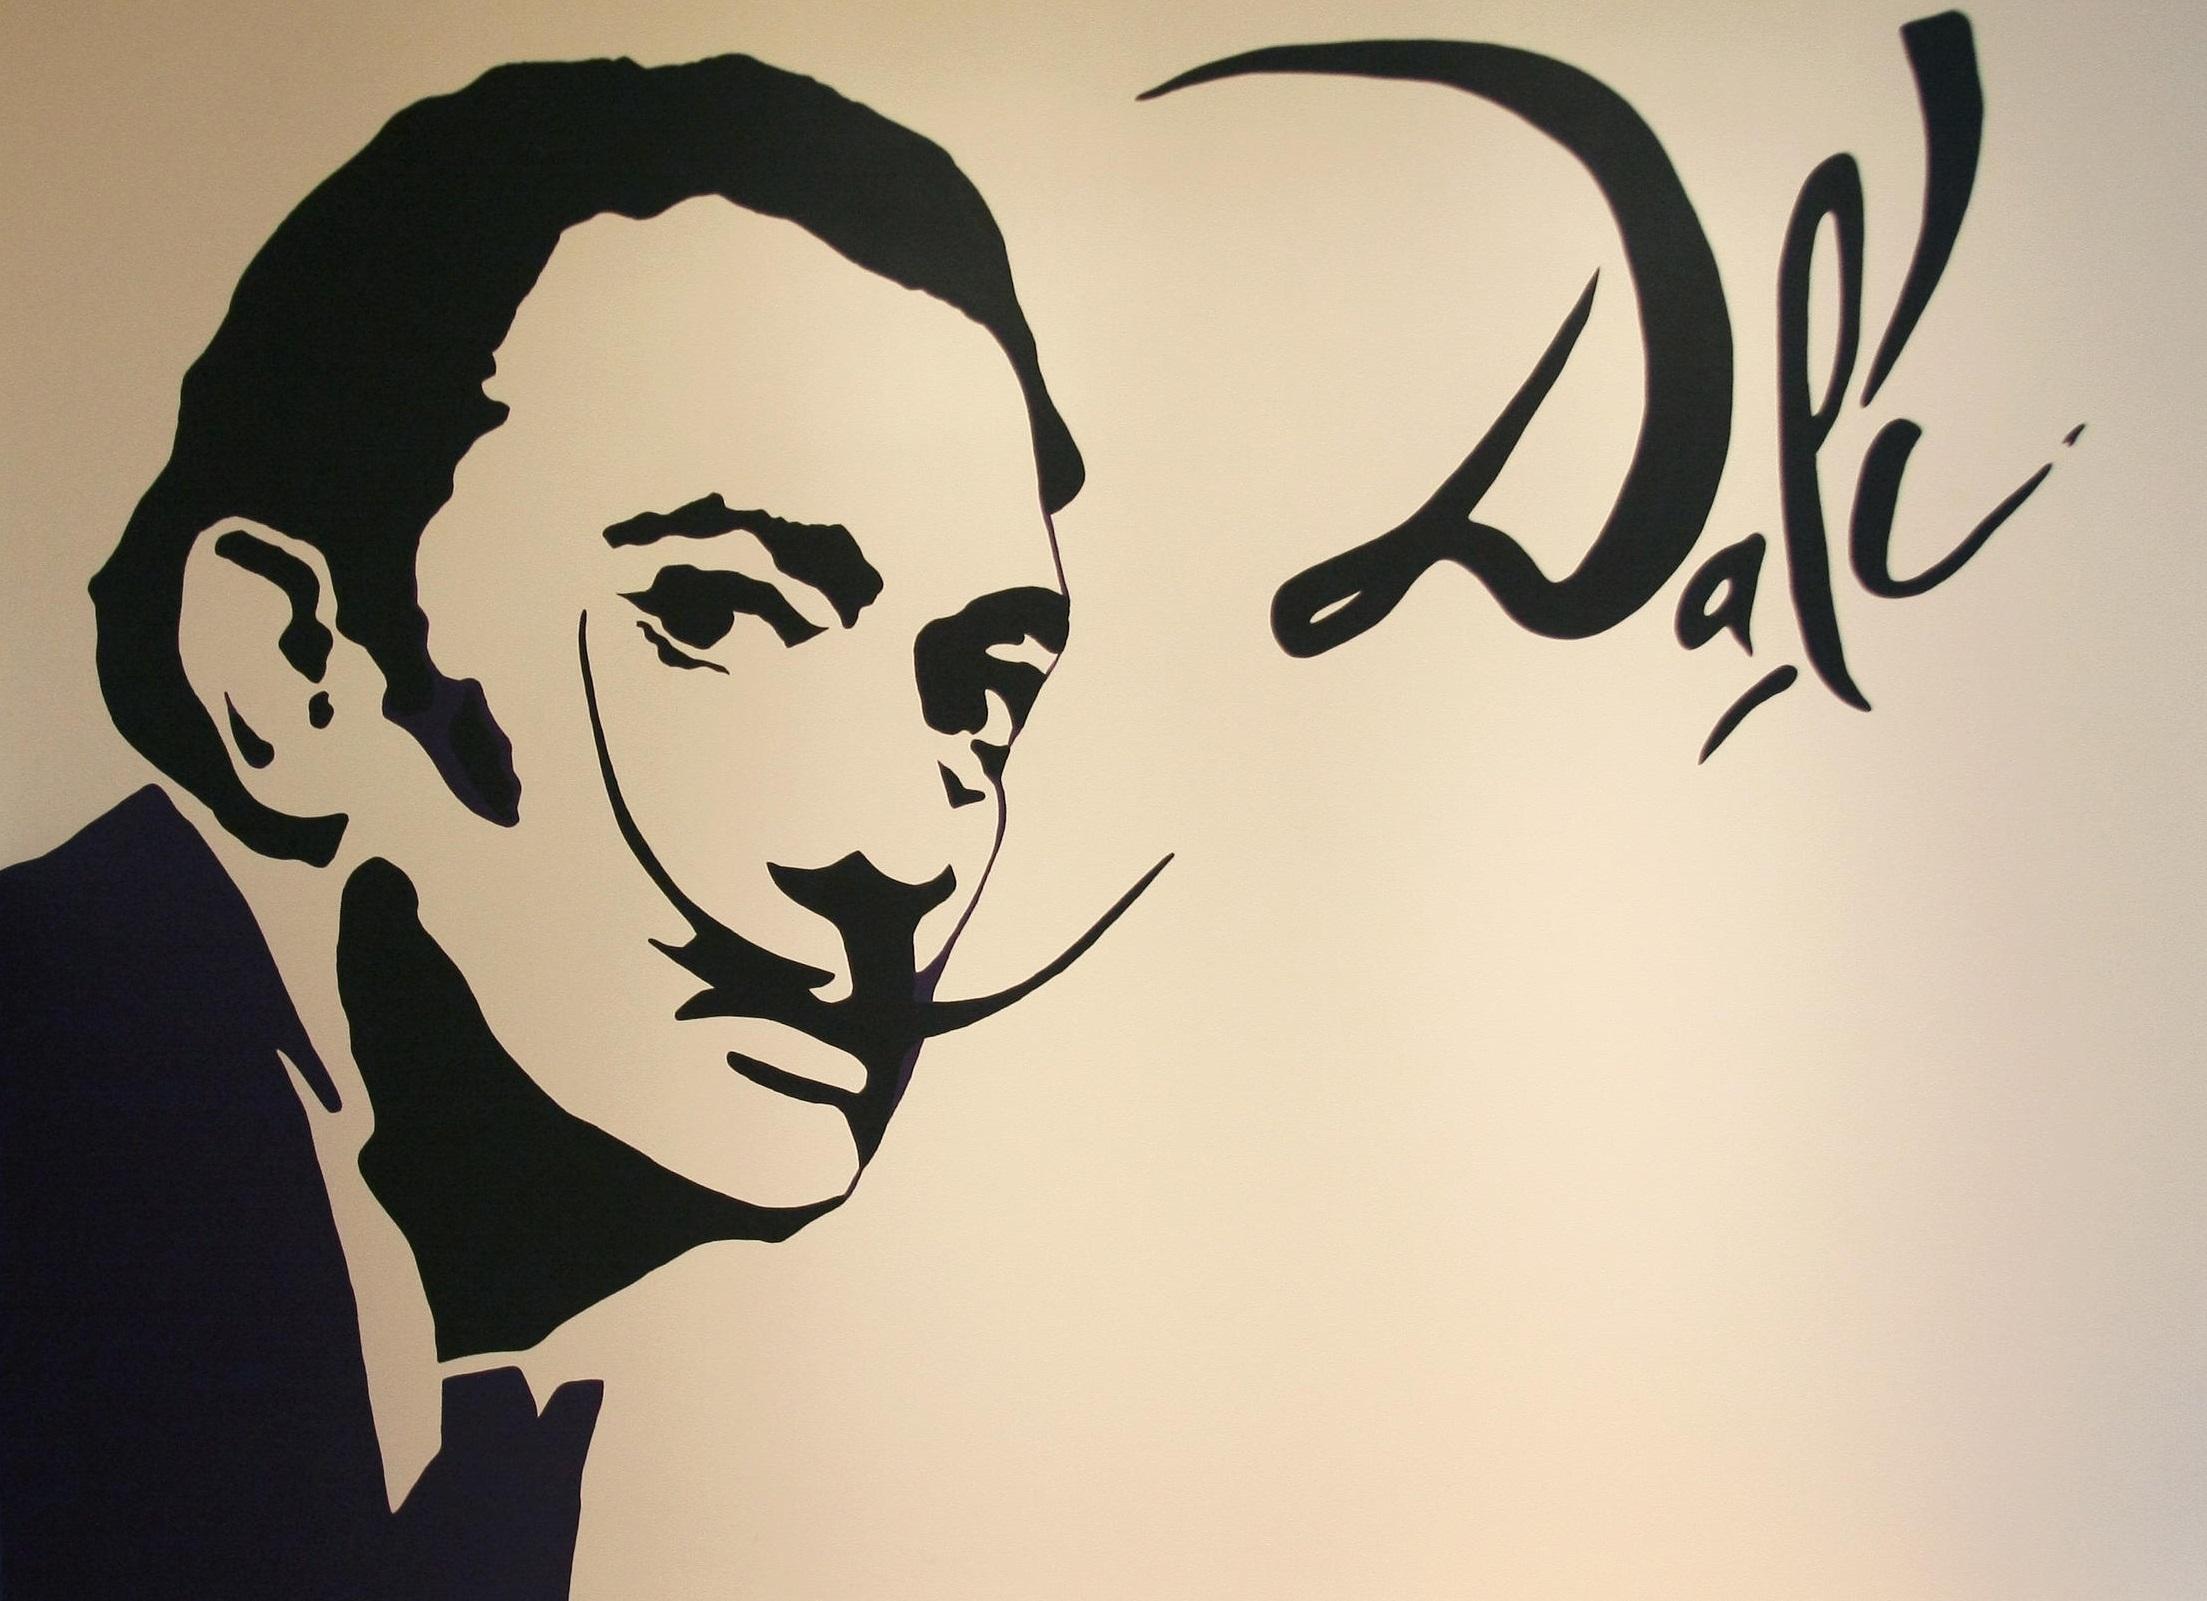 Логотип нарисованный сальвадором дали